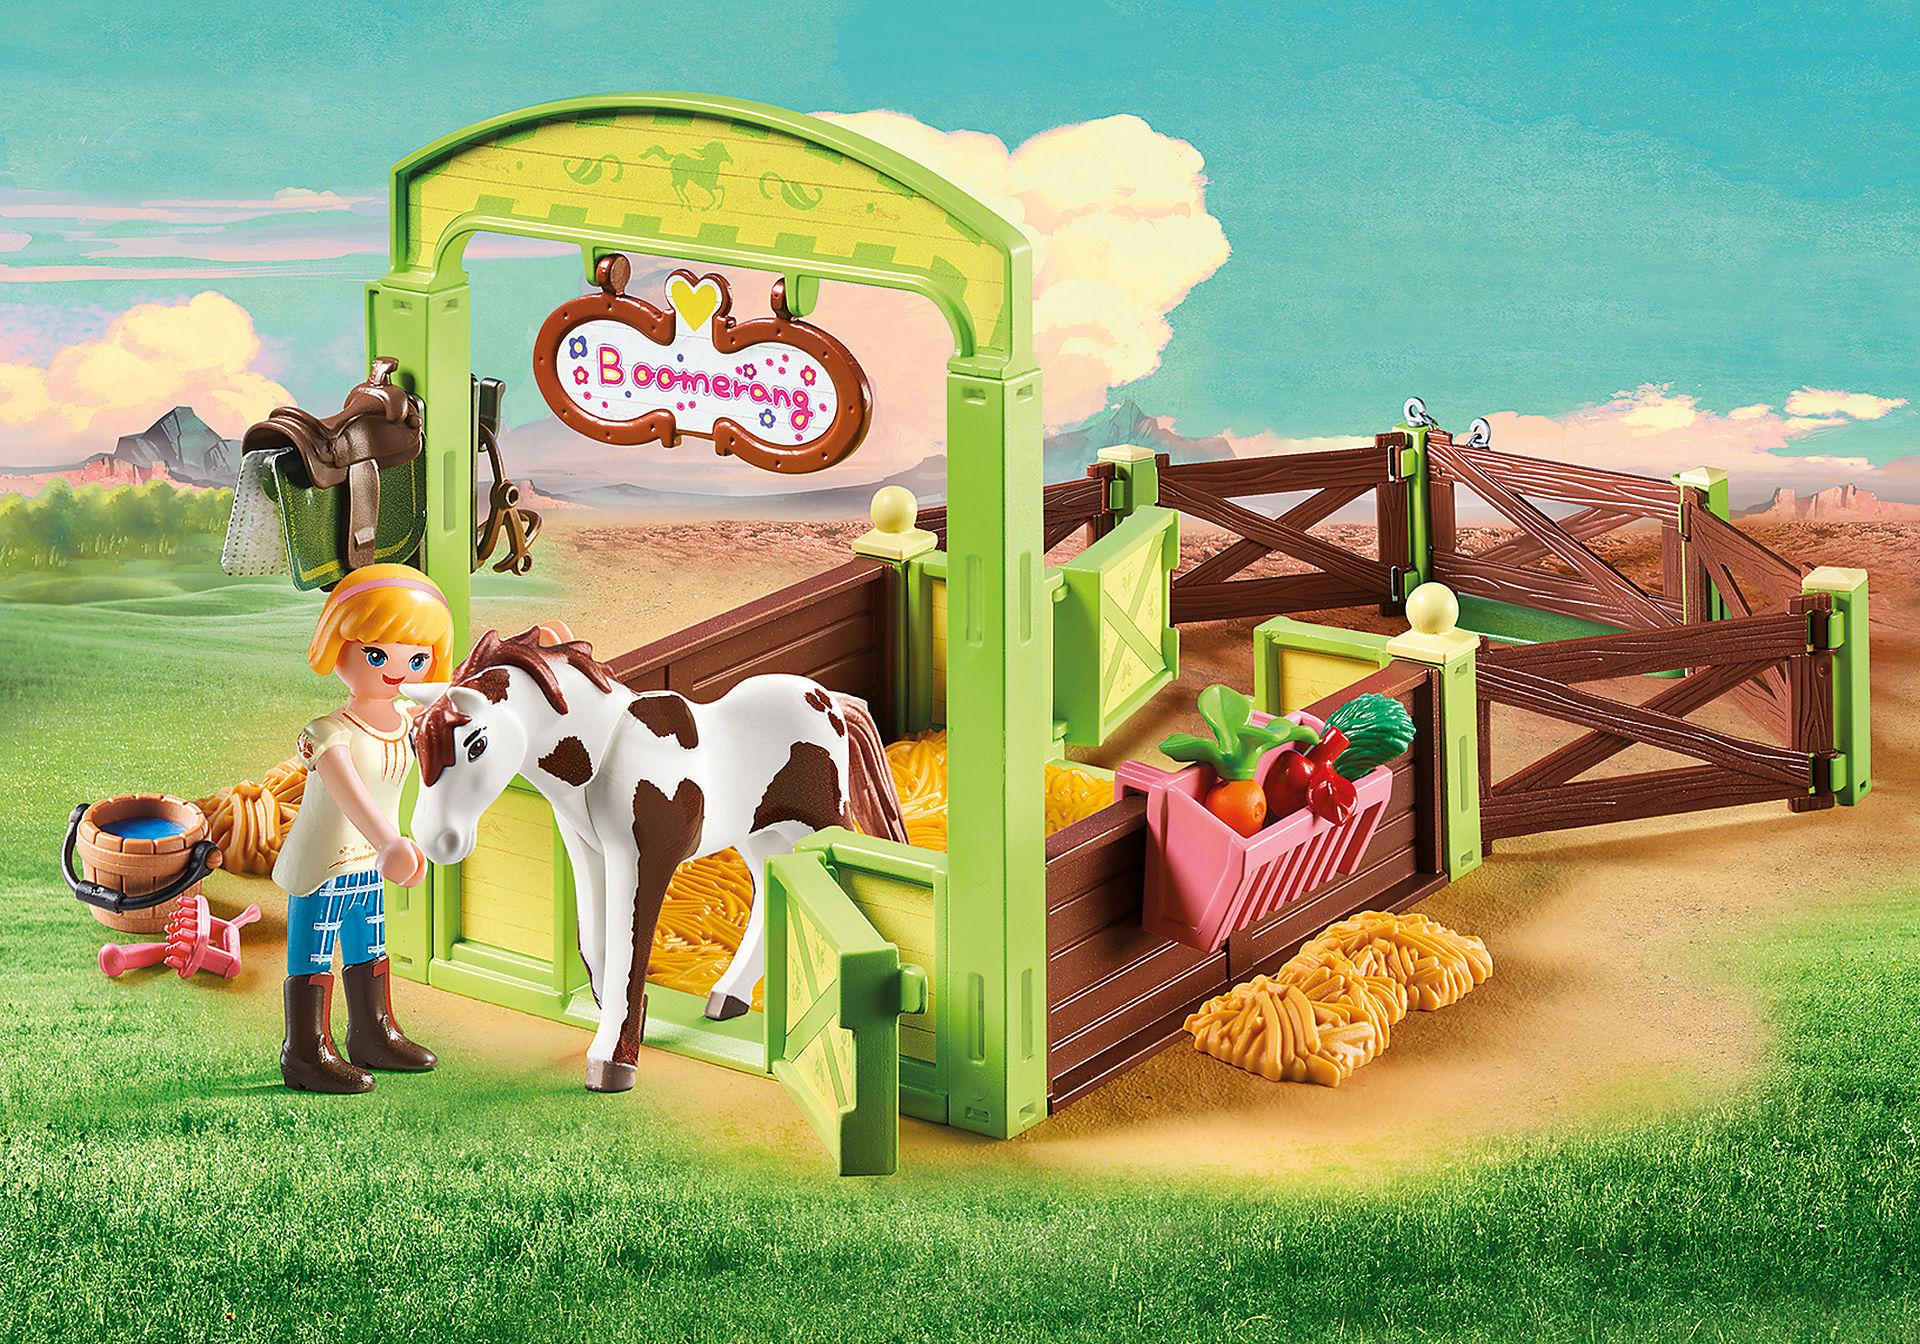 9480 Abigail & Boomerang met paardenbox zoom image1